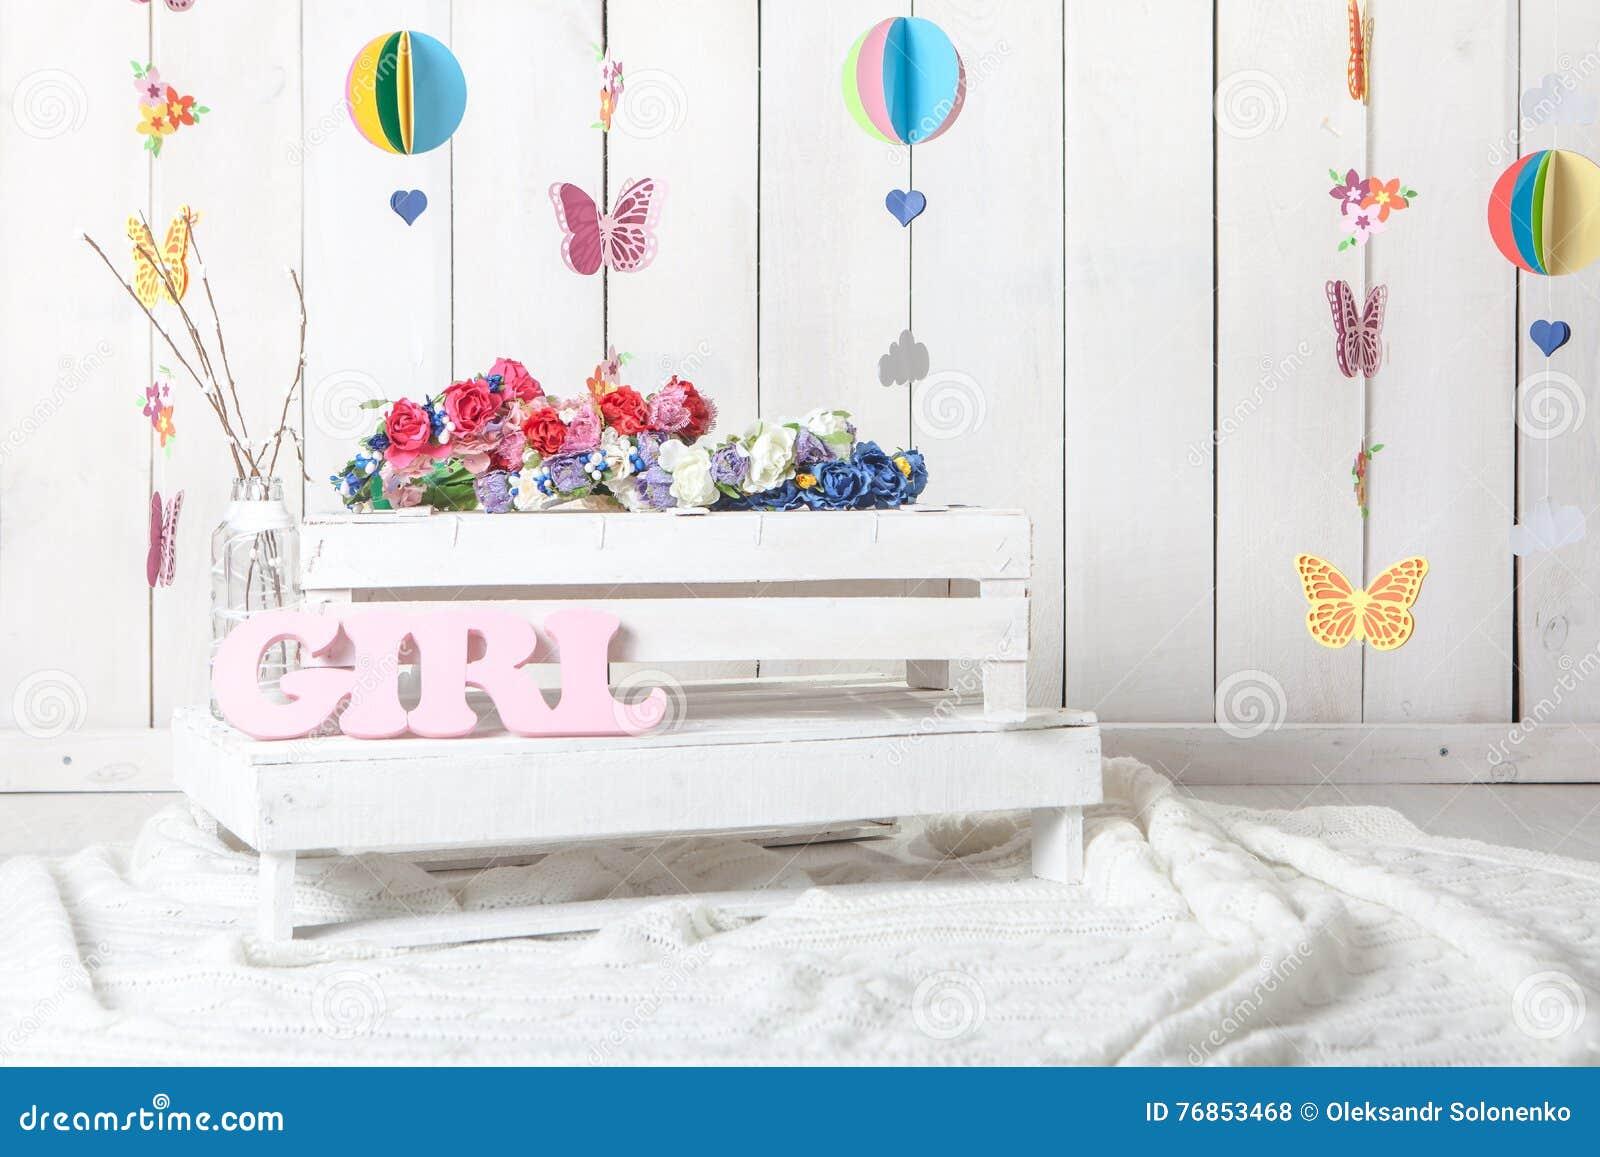 Baby Photography Studio Background Setup Stock Photo Image Of Backgrounds Crib 76853468